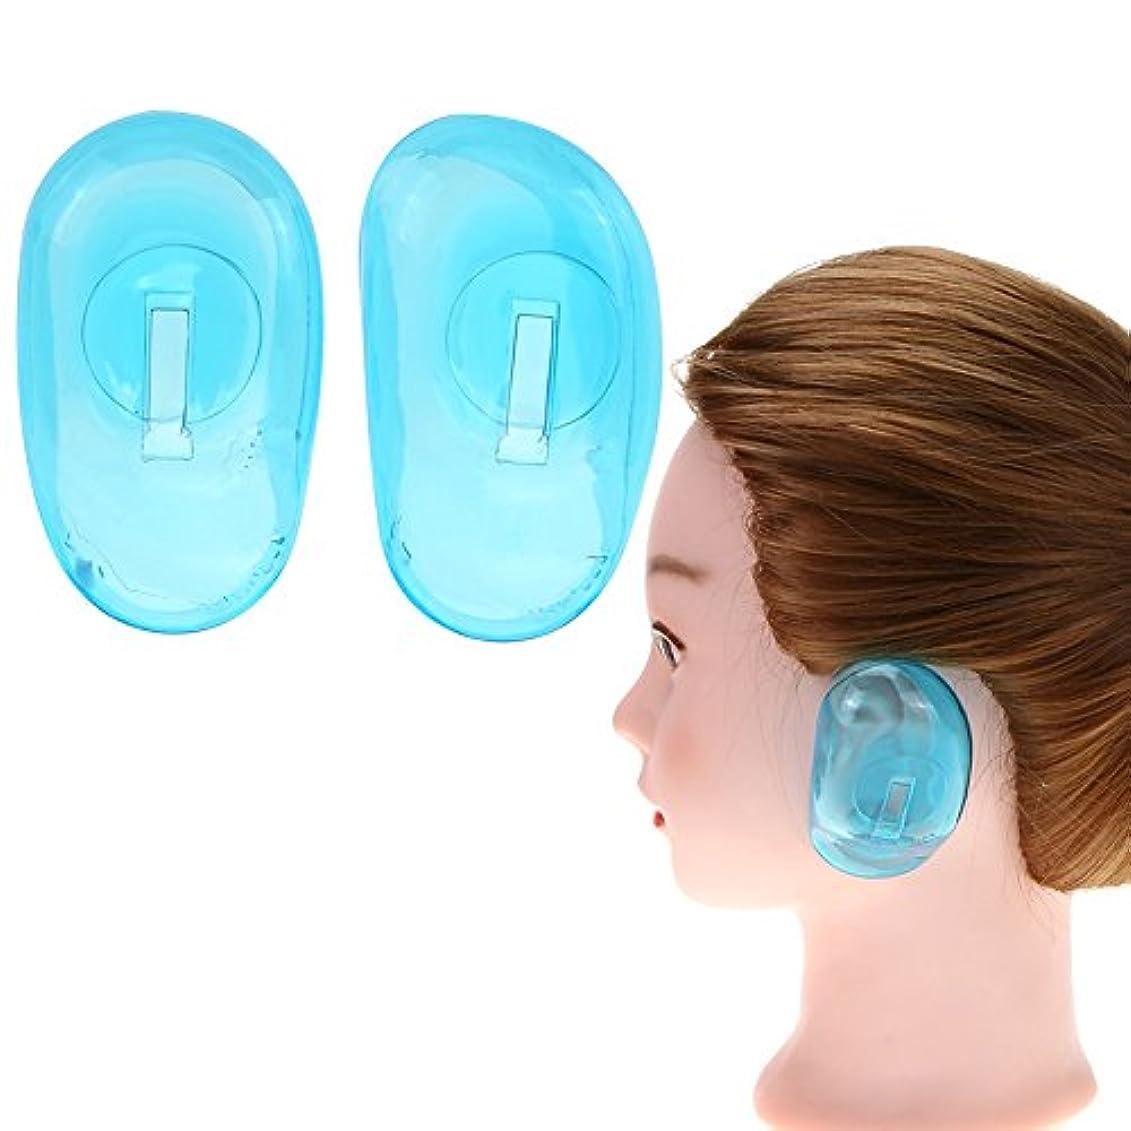 アームストロング微視的滅びるRuier-tong 5ペア耳カバー 毛染め用 シリコン製 耳キャップ 柔らかいイヤーキャップ ヘアカラー シャワー 耳保護 ヘアケアツール サロン 洗える 繰り返す使用可能 エコ 8.5x5cm